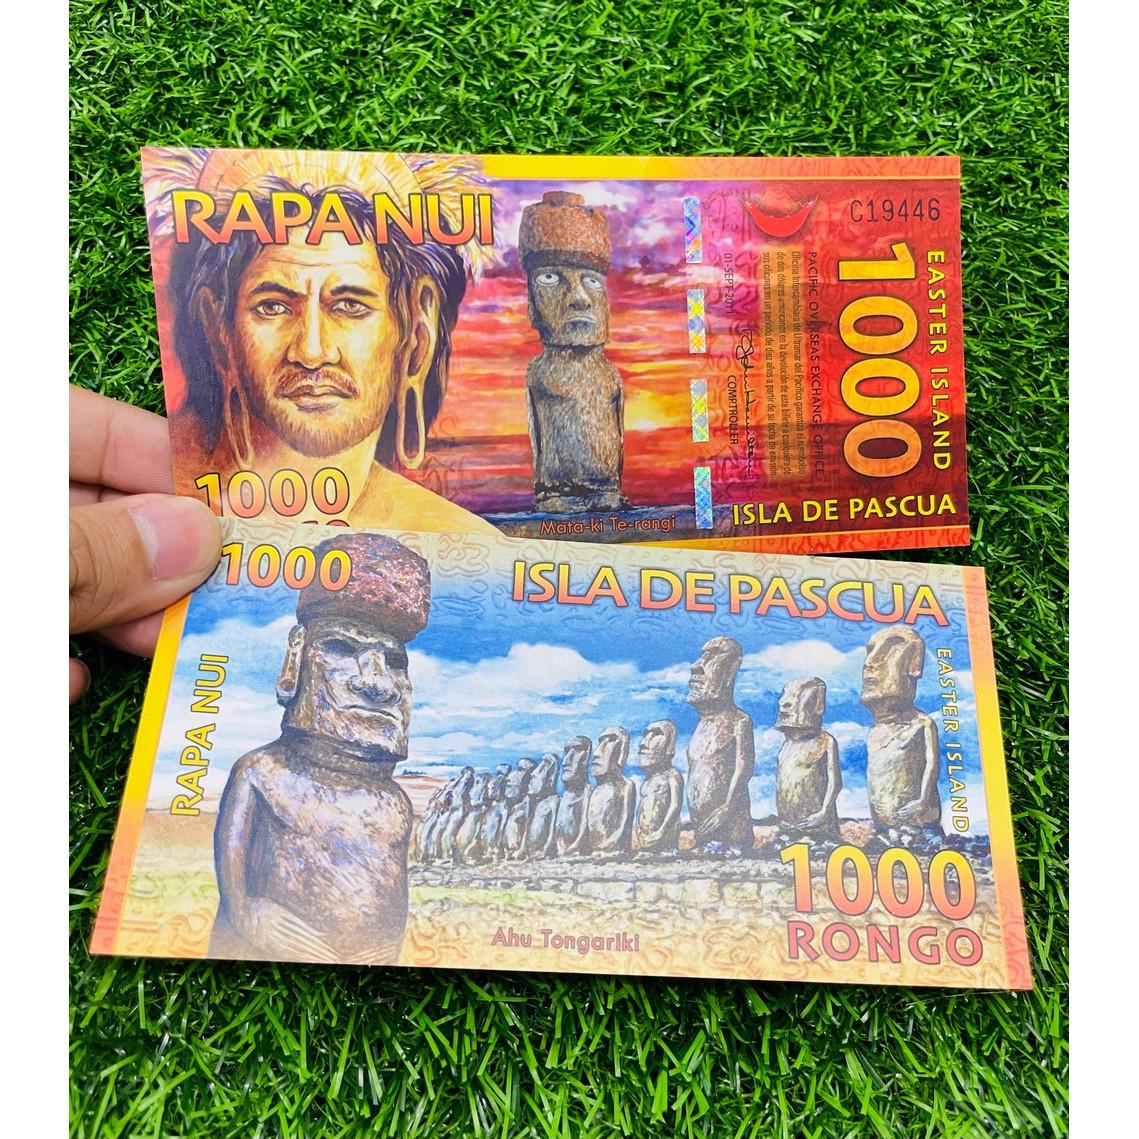 Tiền Đảo Phục Sinh 100 Rongo, bằng polyme, tiền lưu niệm,mới 100% UNC, tặng túi nilon bảo quản The Merrick Mint